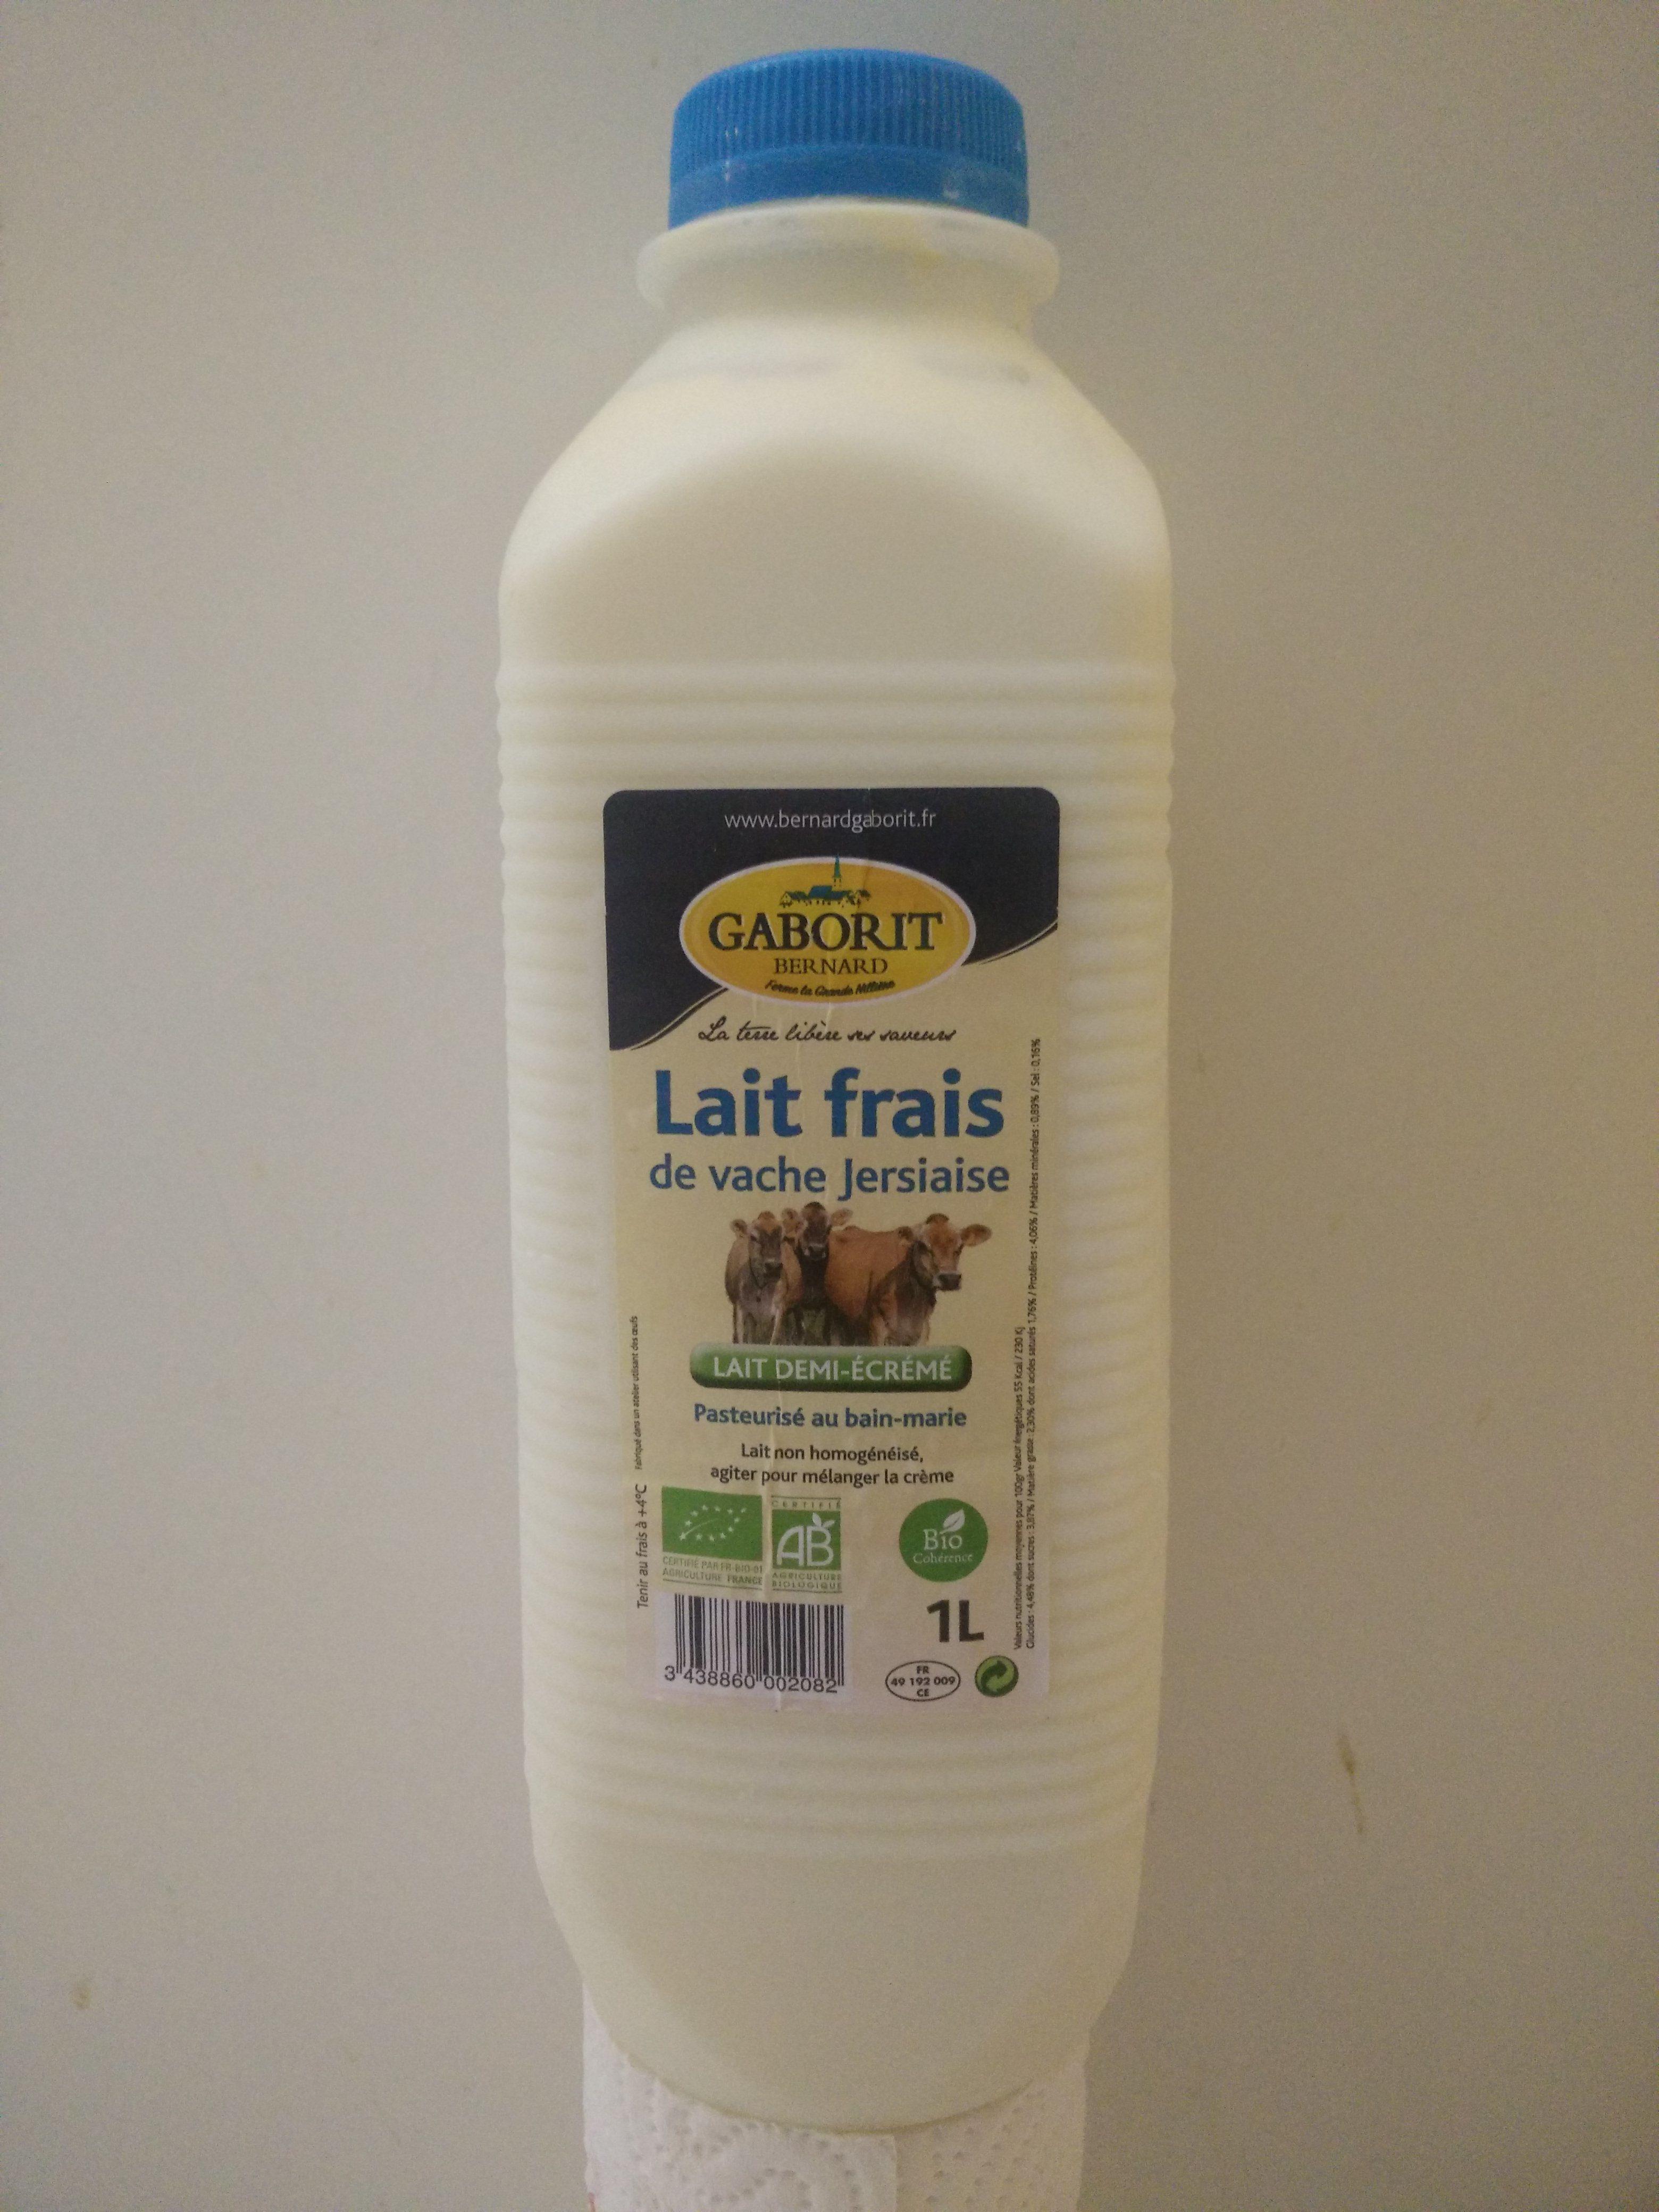 Lait frais de vache jersiaise pasteurisée au bain-marie - Product - en